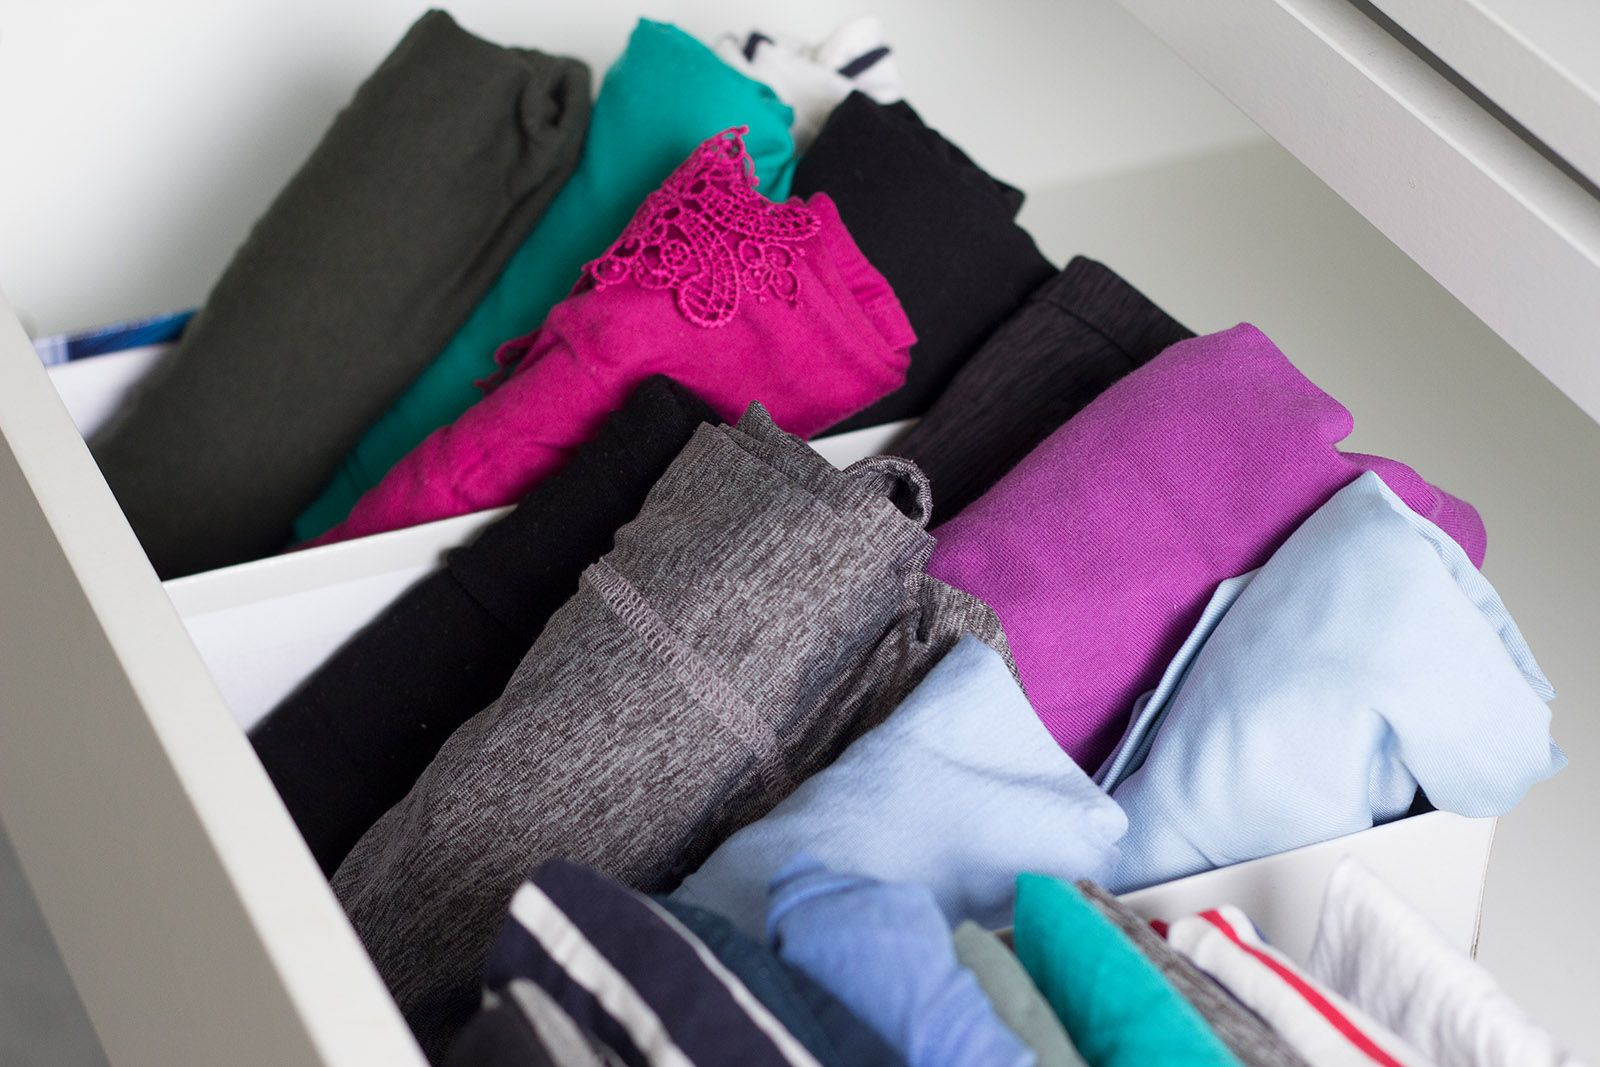 kleiderschrank ausmisten tipps f r mehr ordnung im schrank praktische ideen kleiderschrank. Black Bedroom Furniture Sets. Home Design Ideas